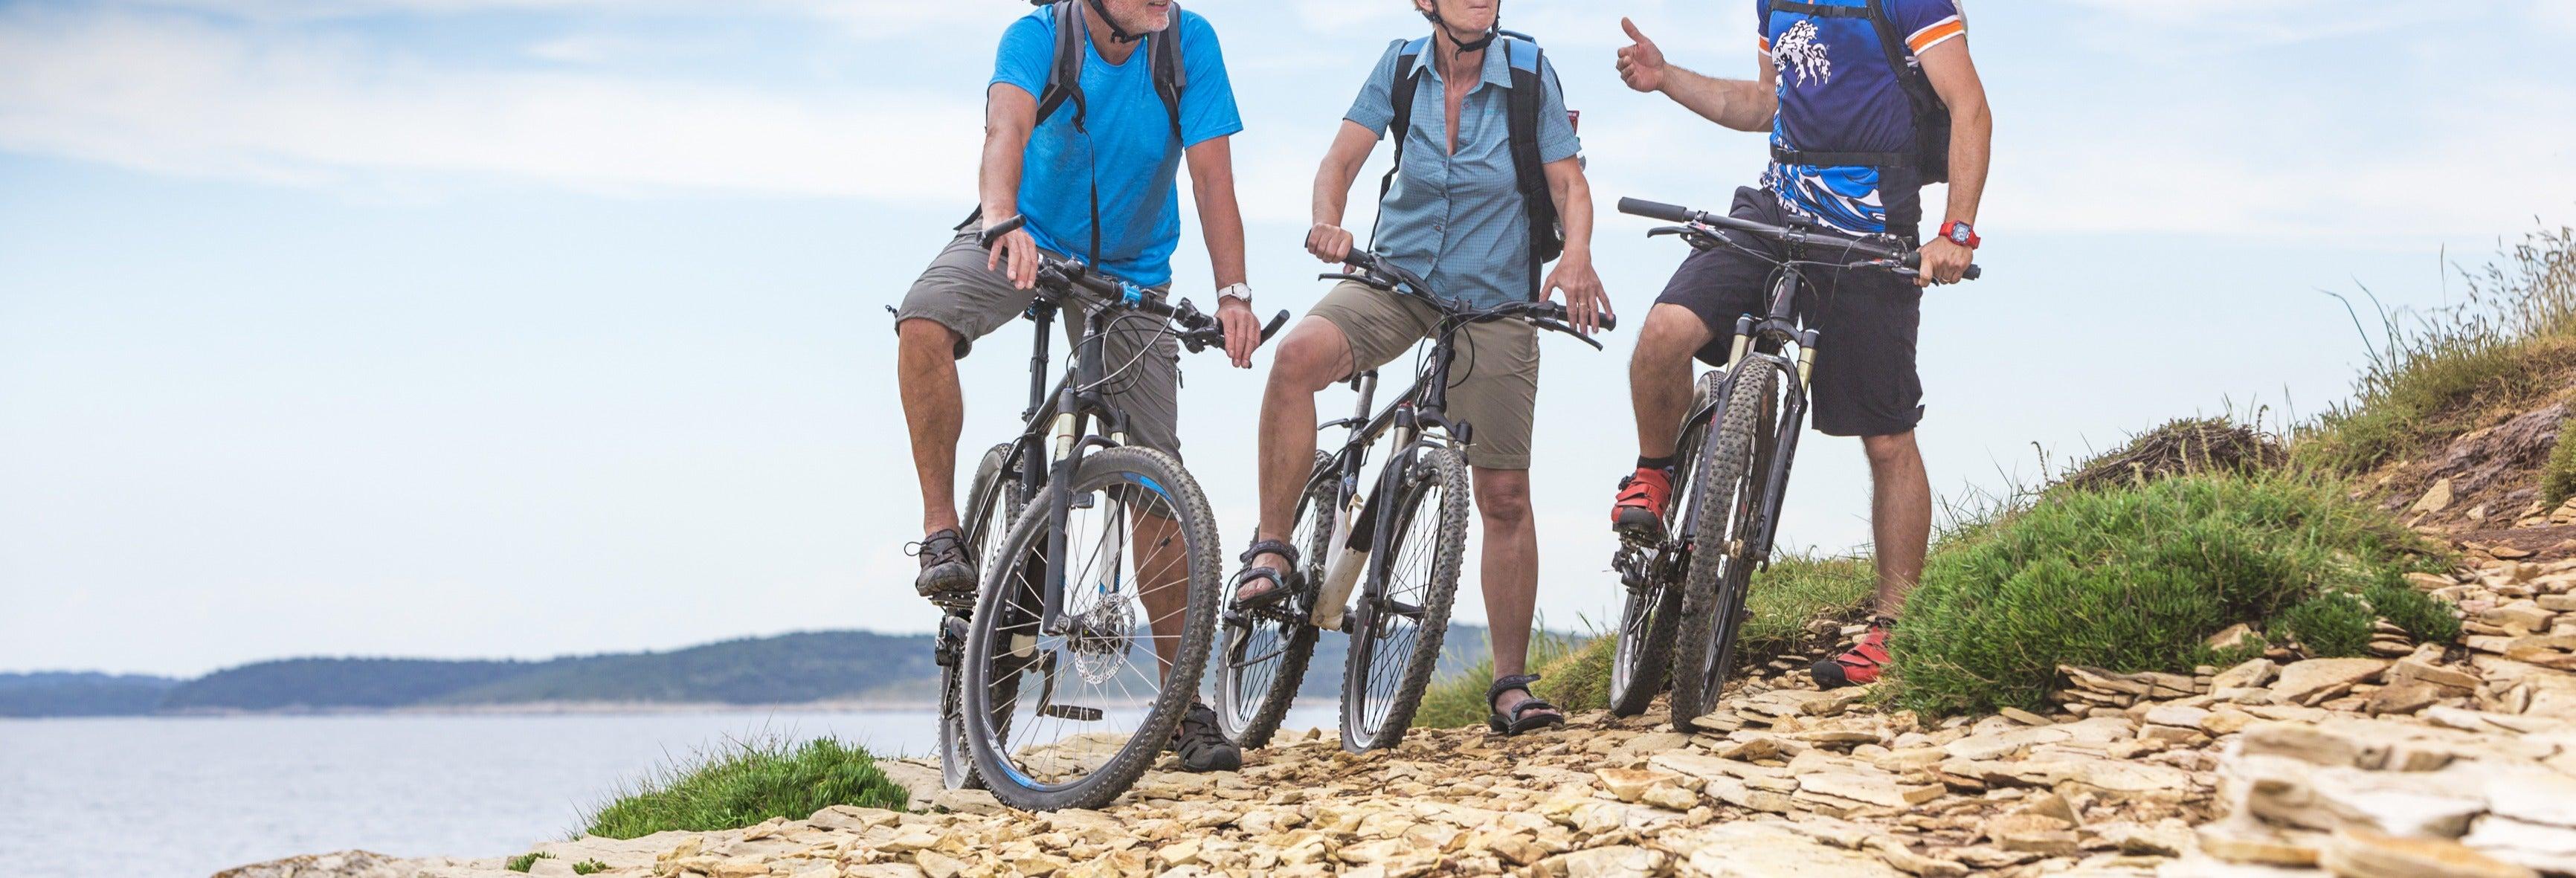 Excursión en bicicleta eléctrica por Cozumel